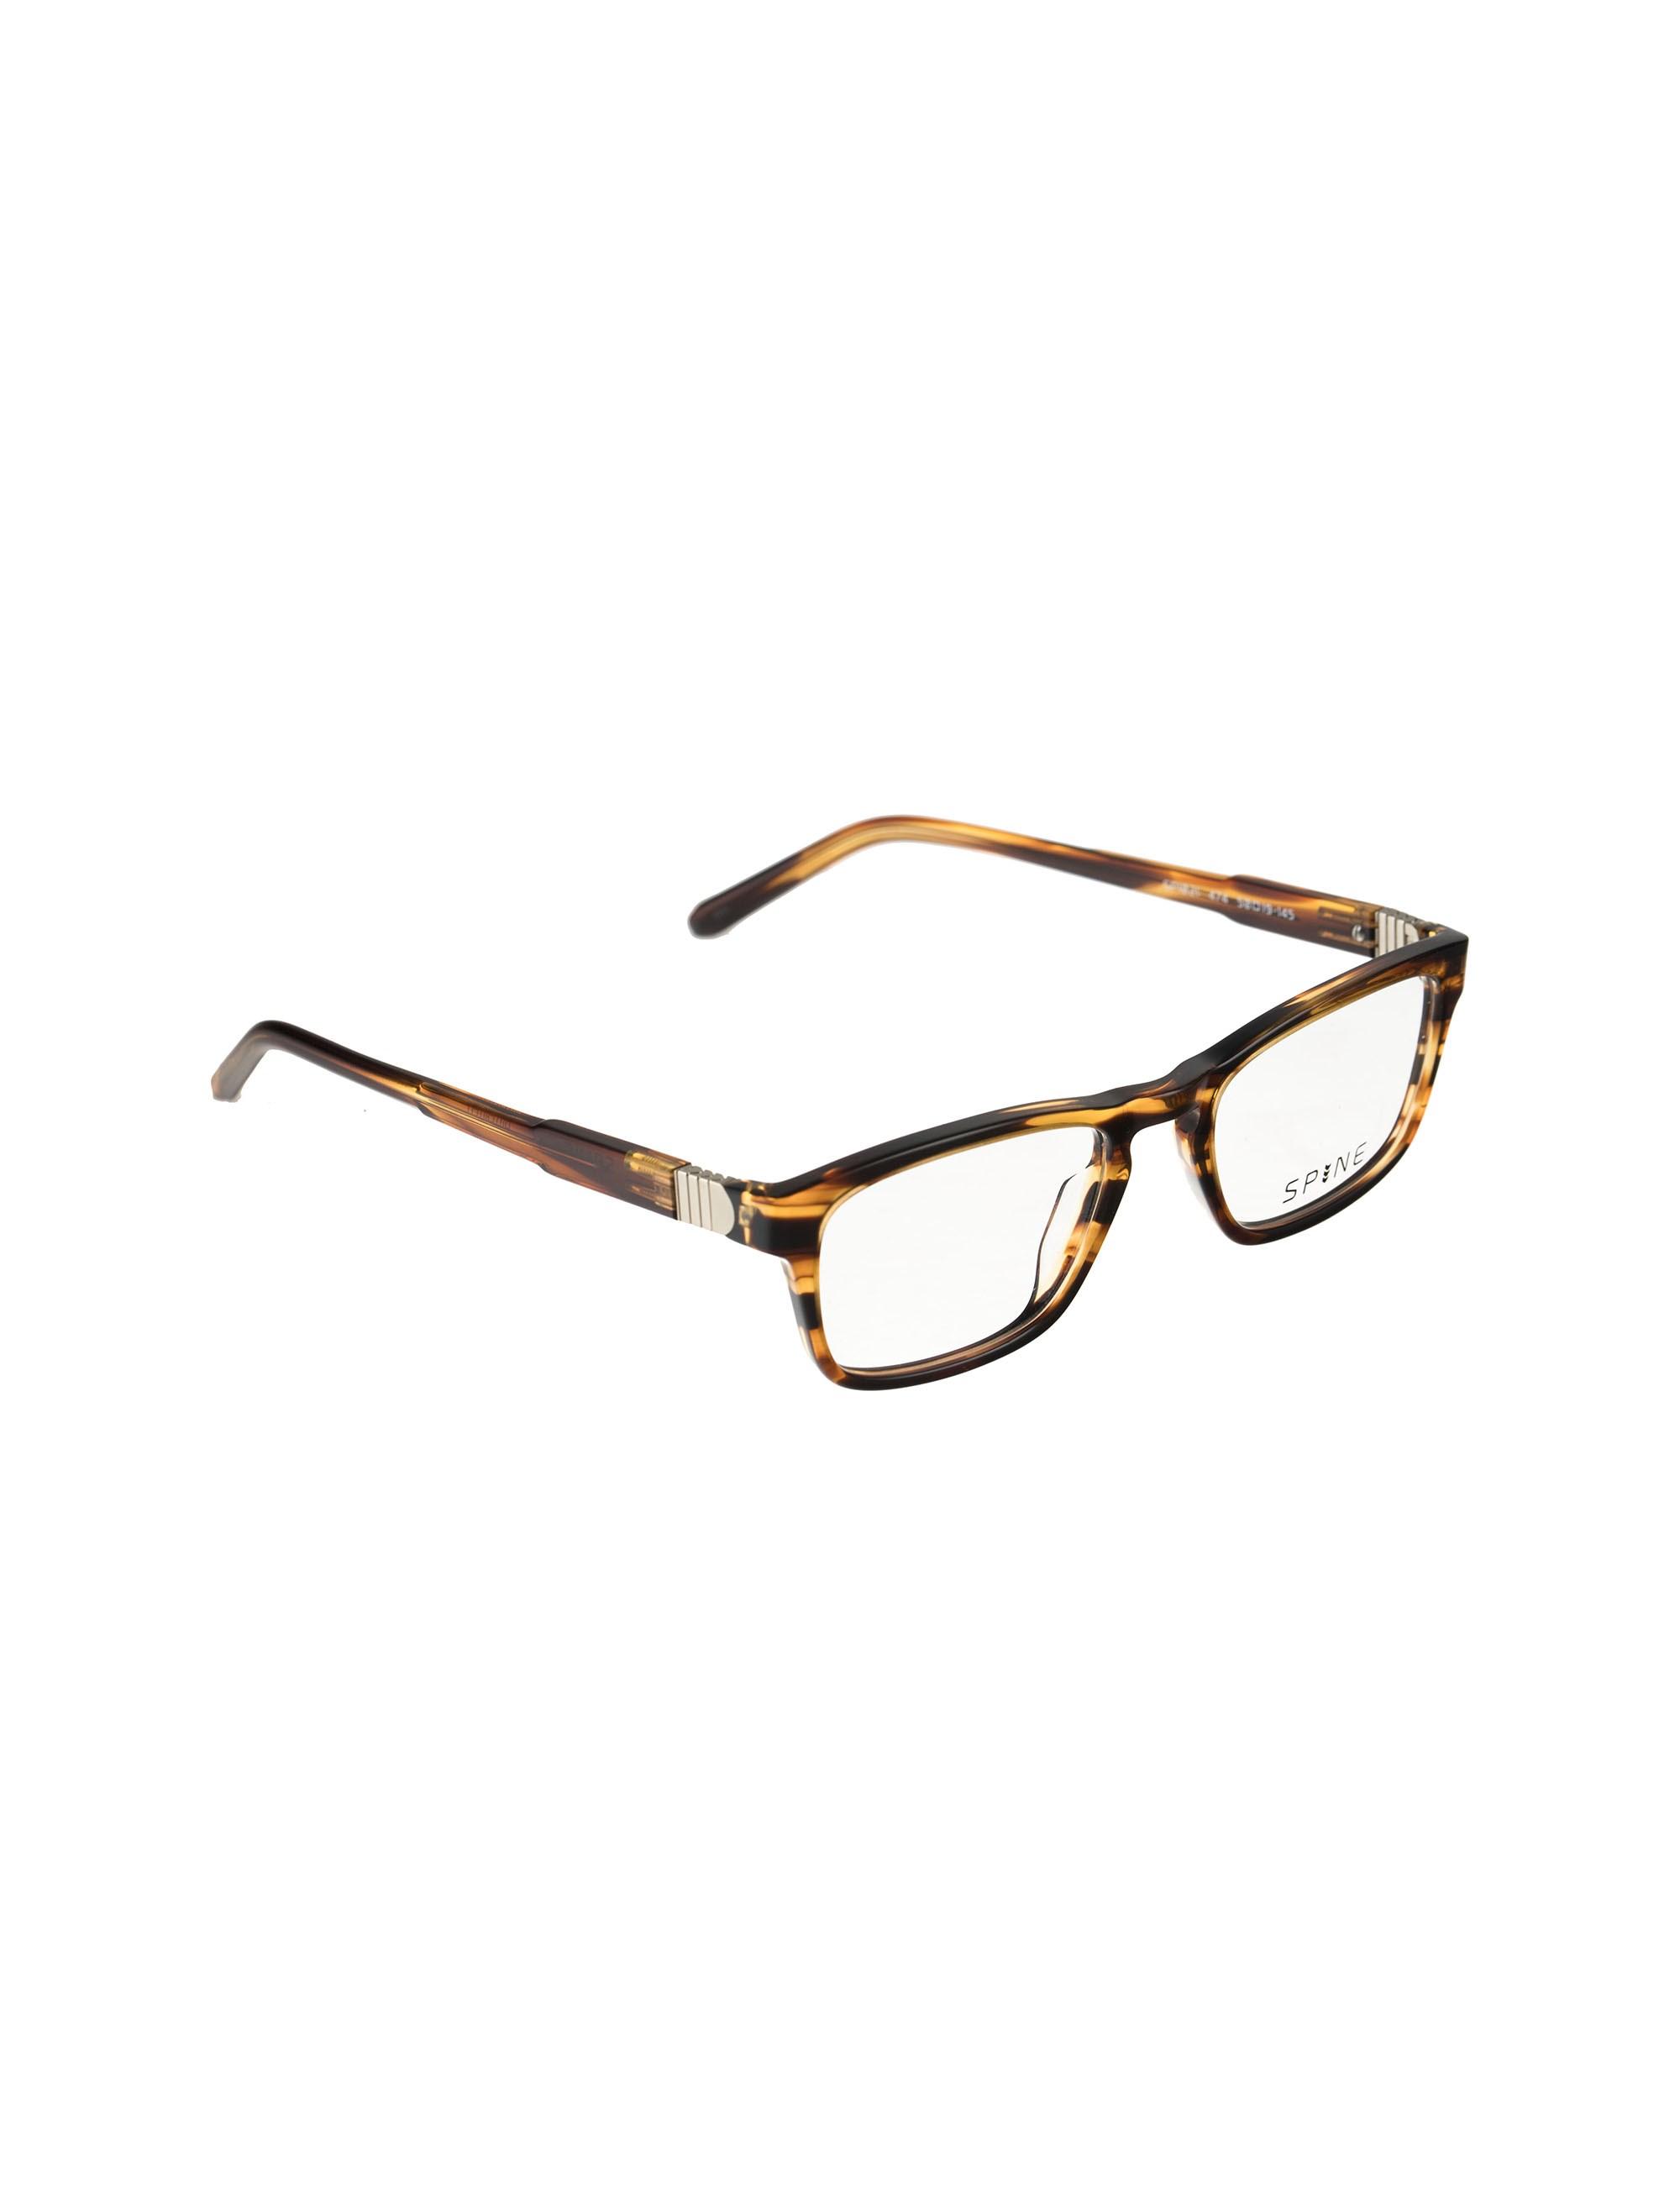 عینک طبی ویفرر زنانه - اسپاین - قهوه اي - 5